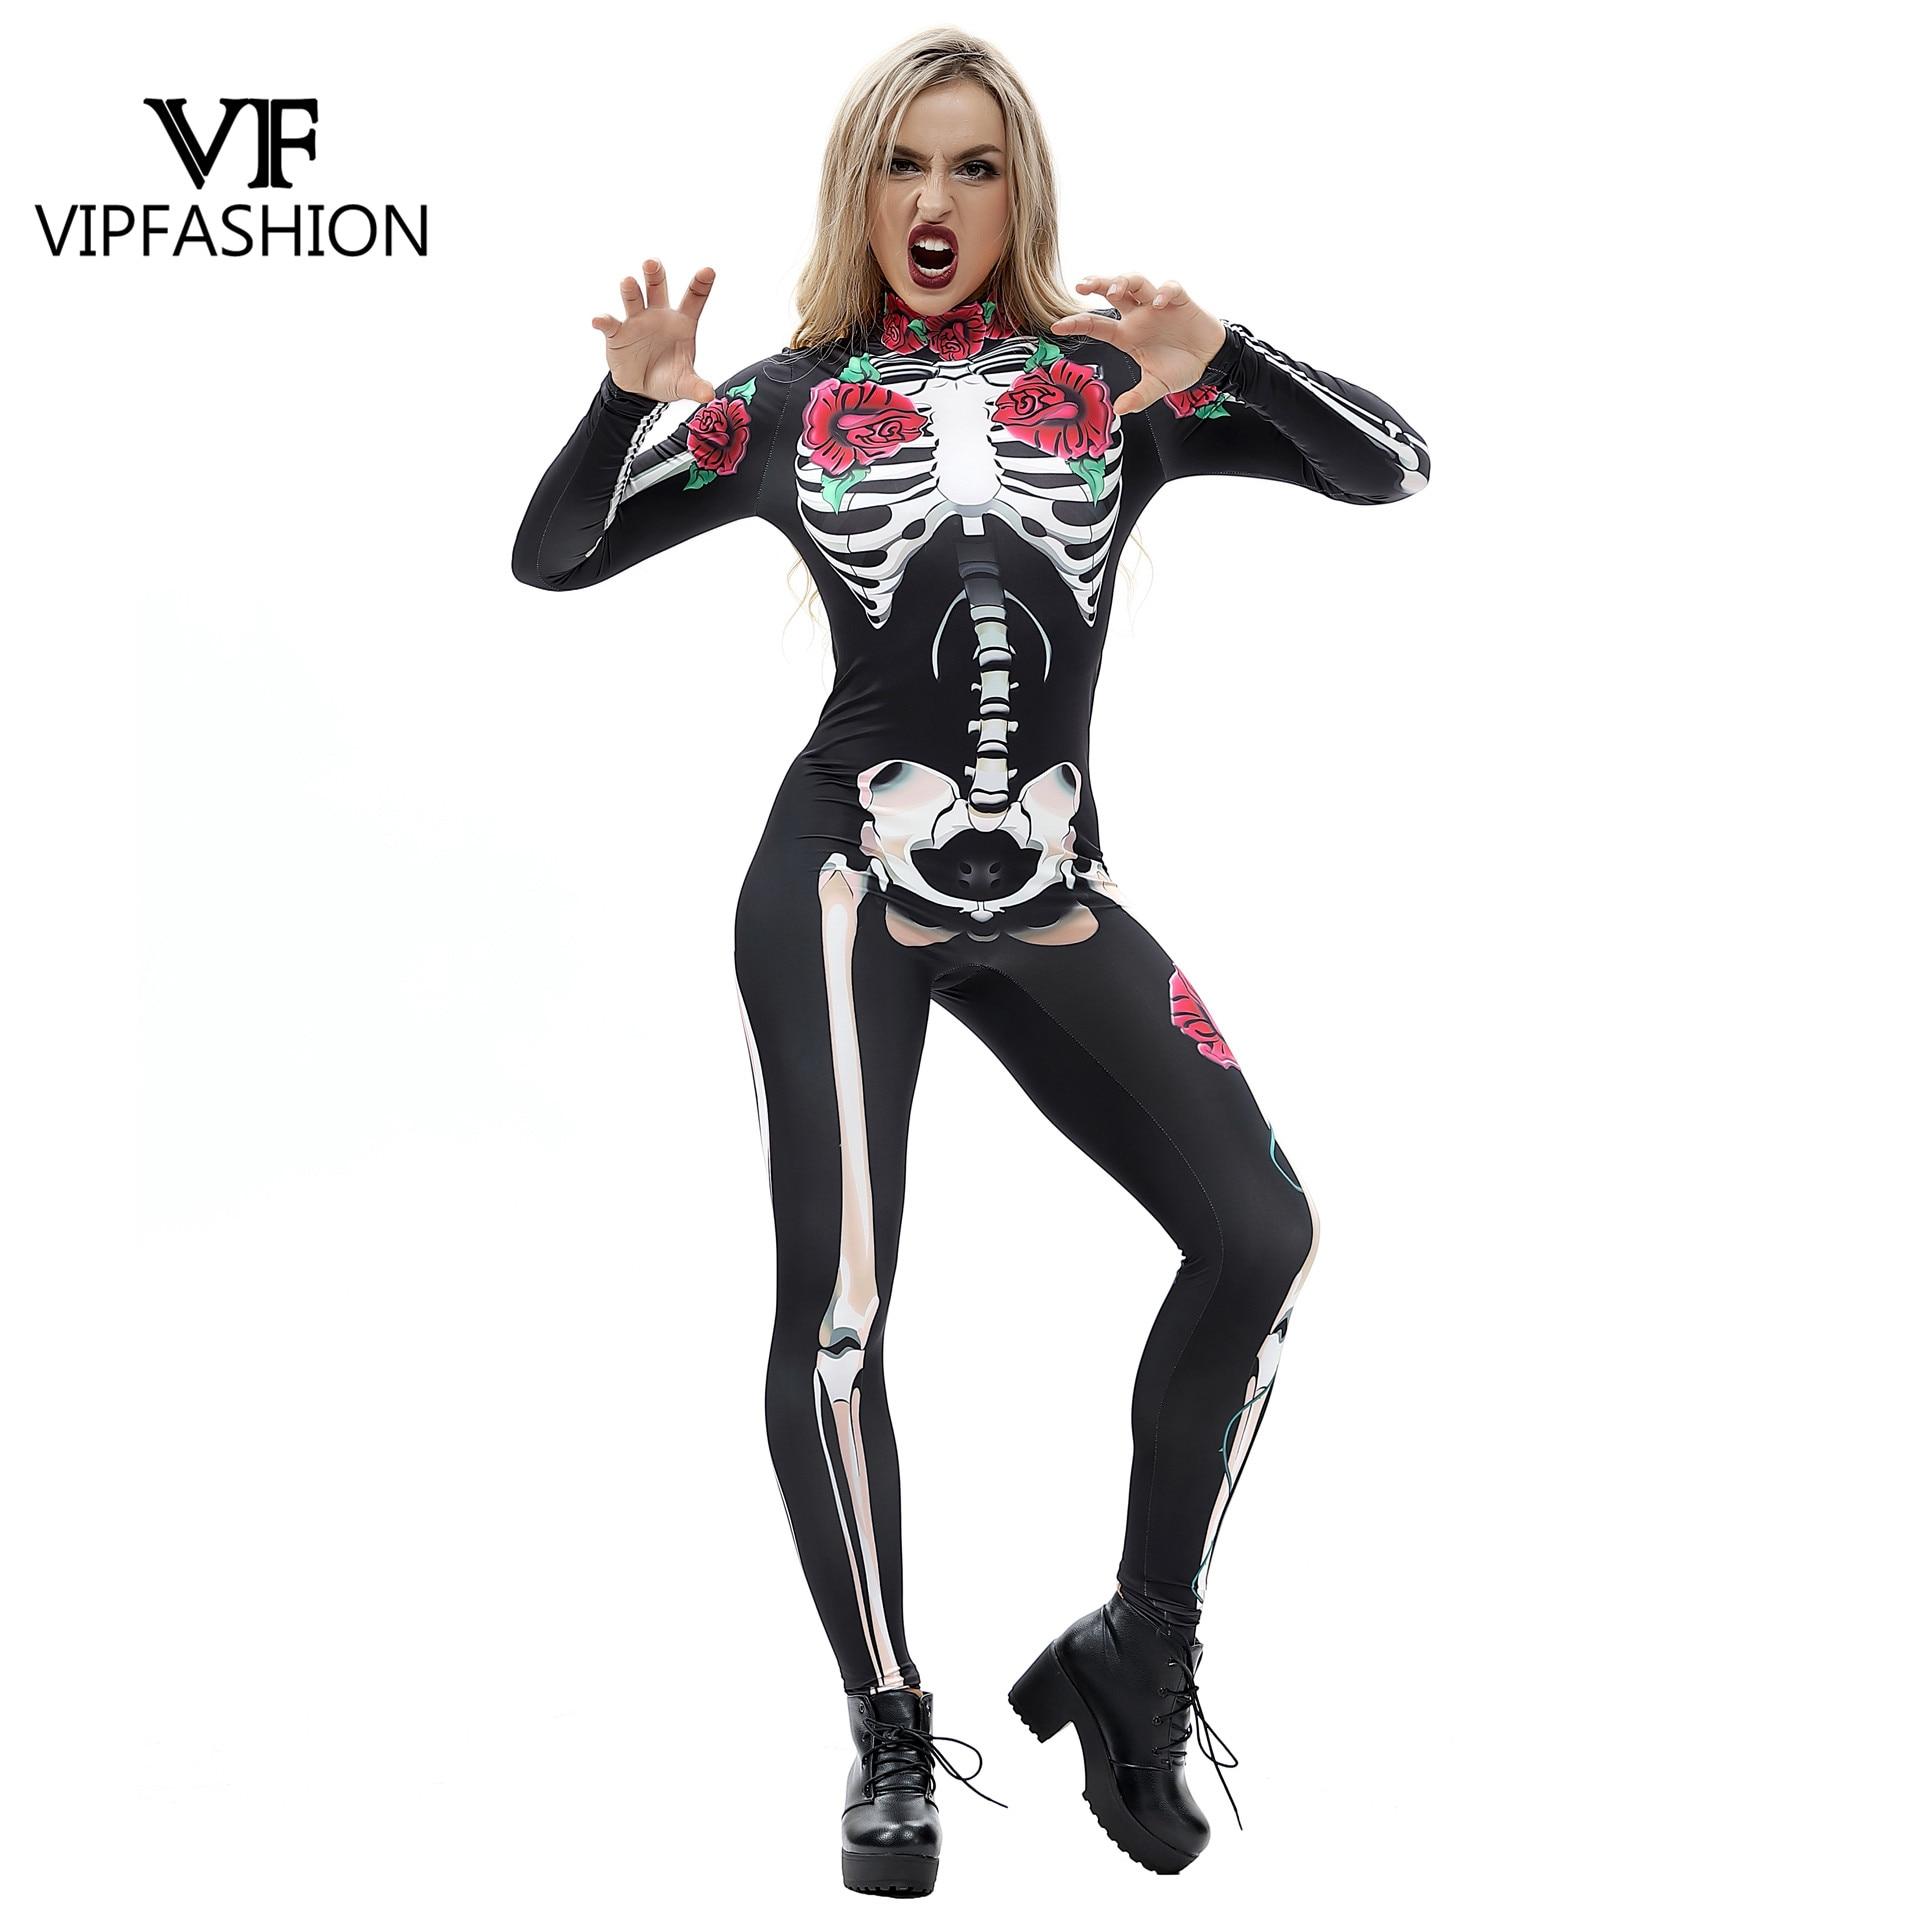 Streng Vip Mode 3d Rose Mechanische Bone Rompertjes Scary Halloween Kostuums Voor Vrouwen Jumpsuit Skelet Schedel Bloemen Vlinder Bodysuit Gemakkelijk Te Repareren